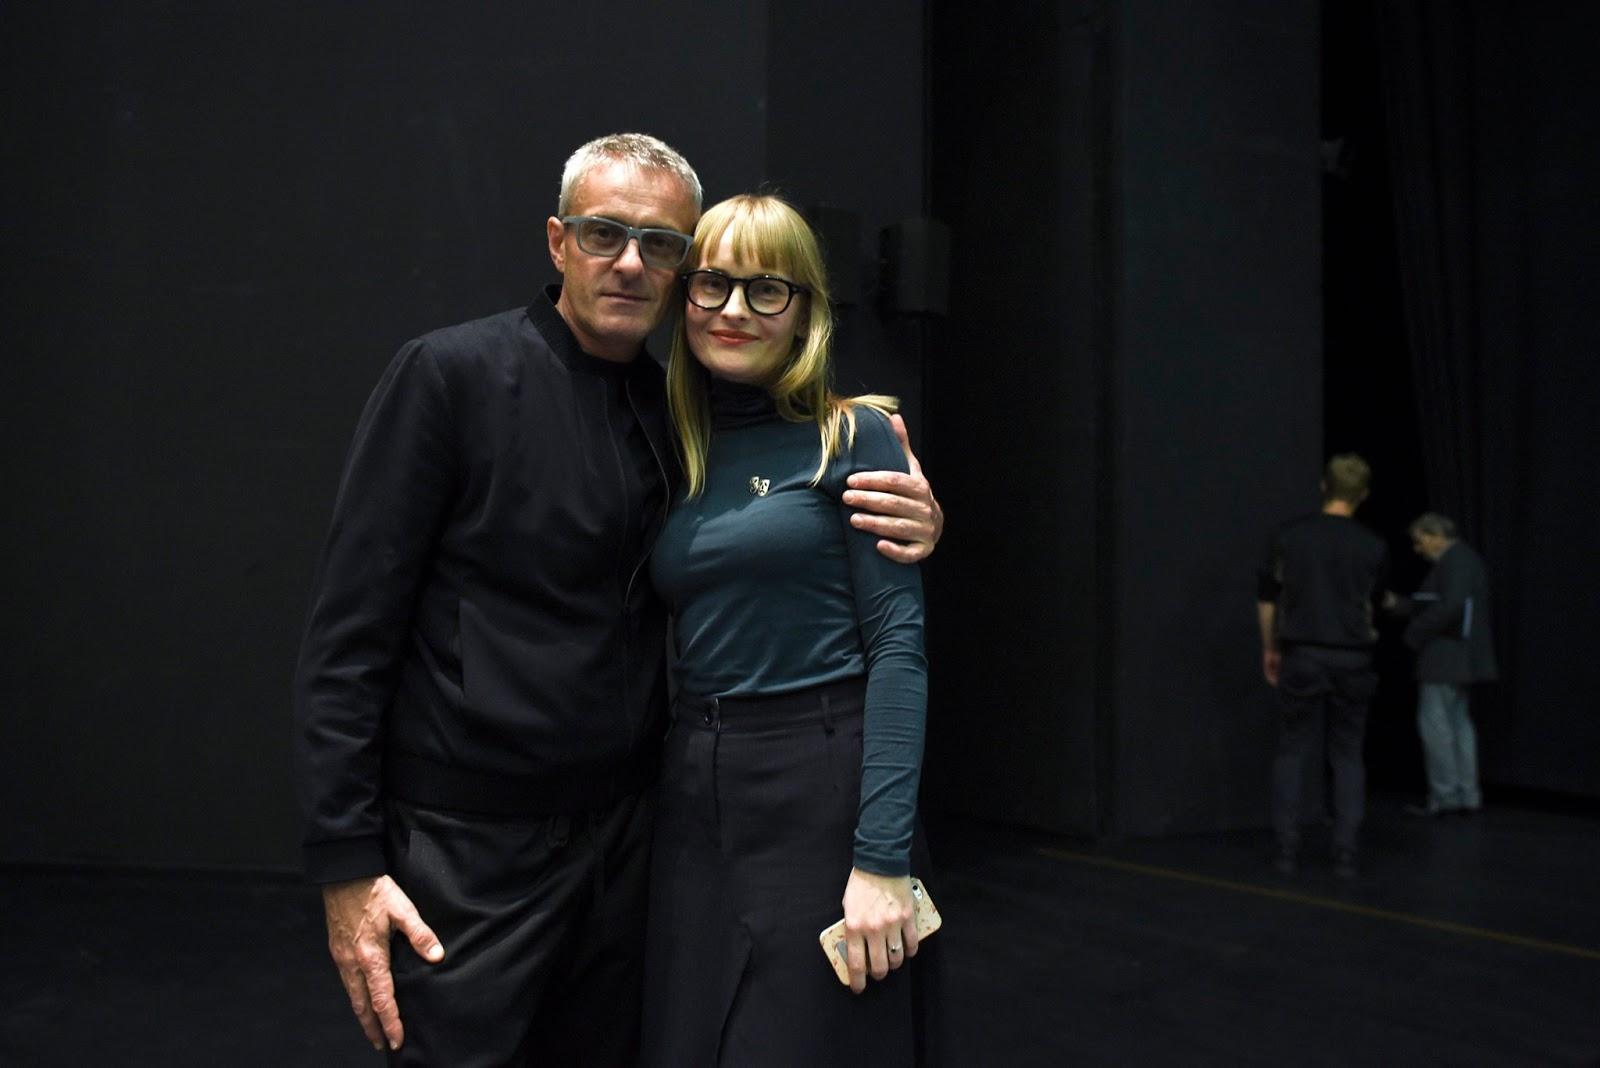 Agata Grzybowska i Jacek Poniedziałek FASHION ART MEDIA